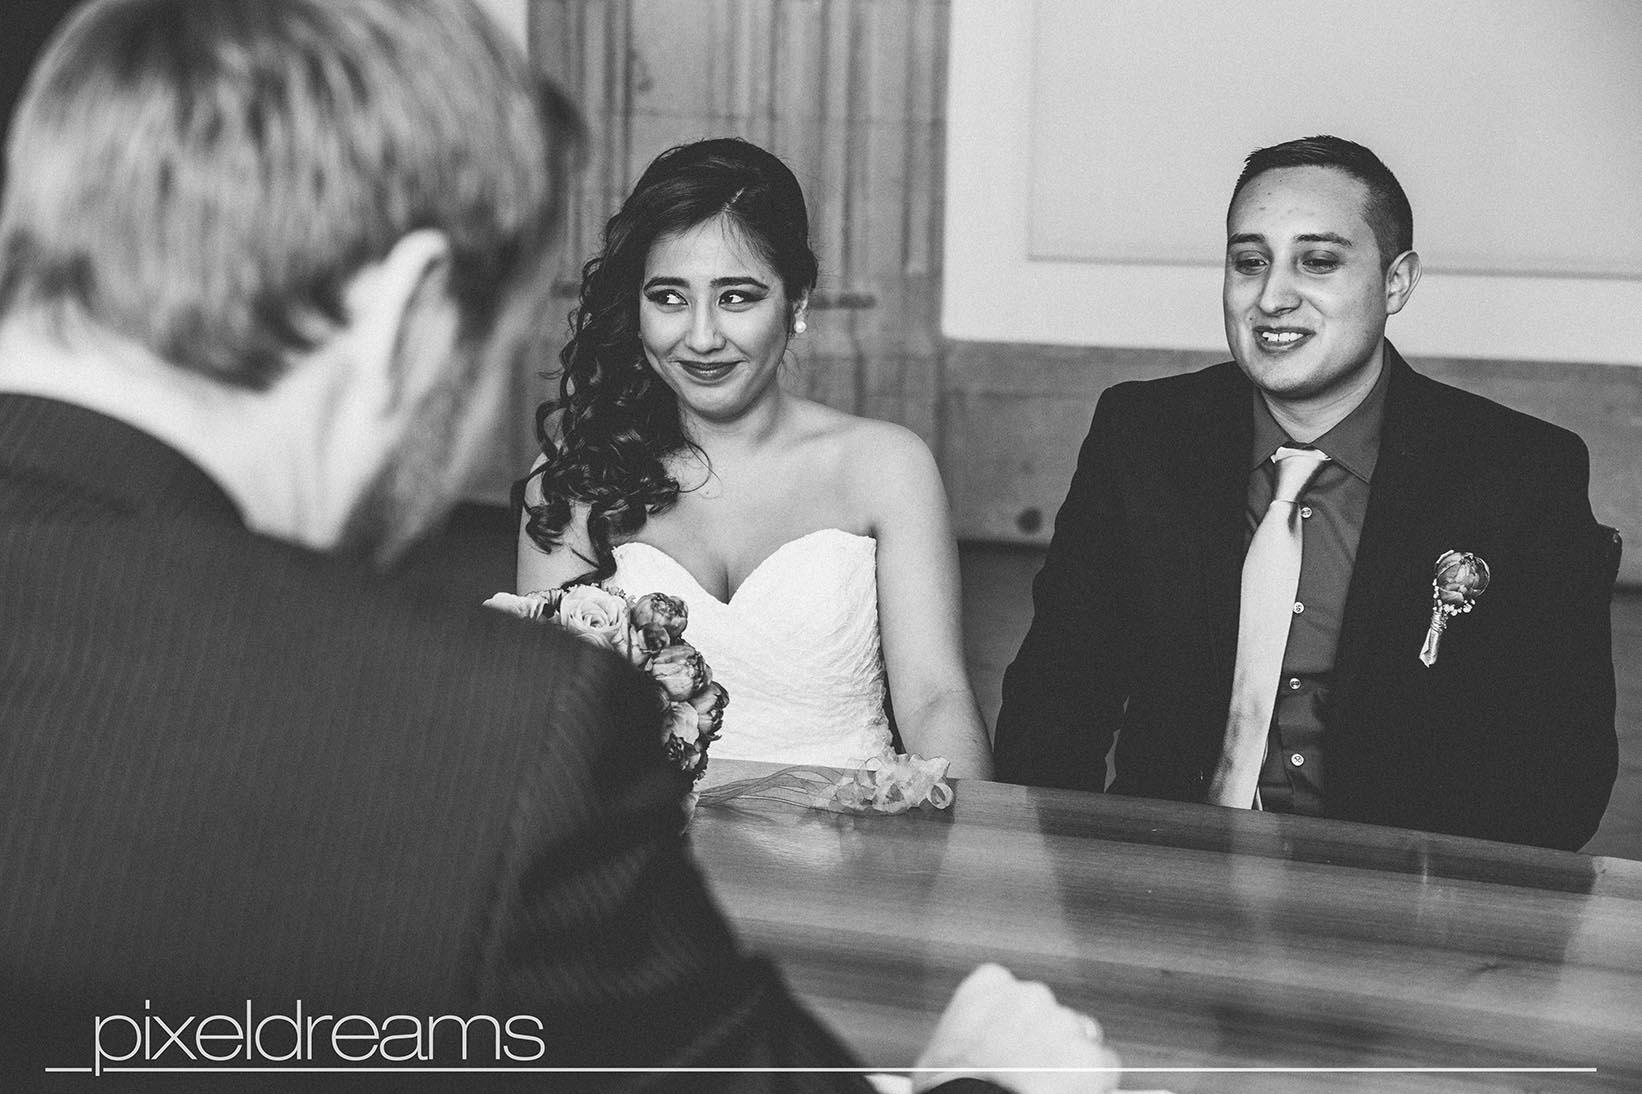 Braut und Bräutigam sitzen vor dem Standesbeamten und lassen sich gleich trauen - die reportage erfolgt durch unseren hochzeitsfotografie pixeldreams